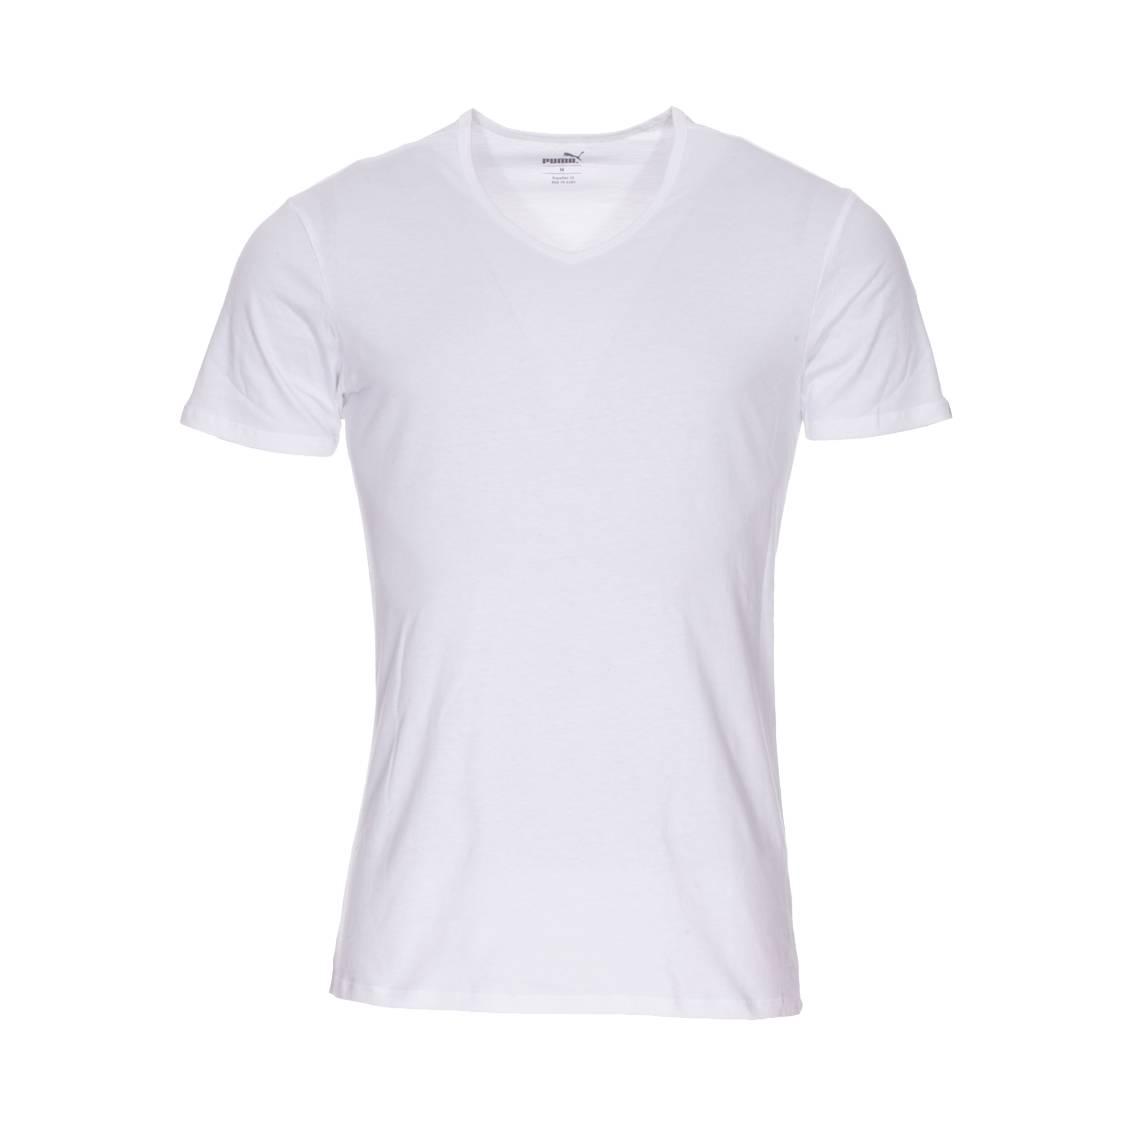 Shirt De Puma Hommes V 2 Col Coton Lot BlancRue Basic Des En Tee 1TFJcKl